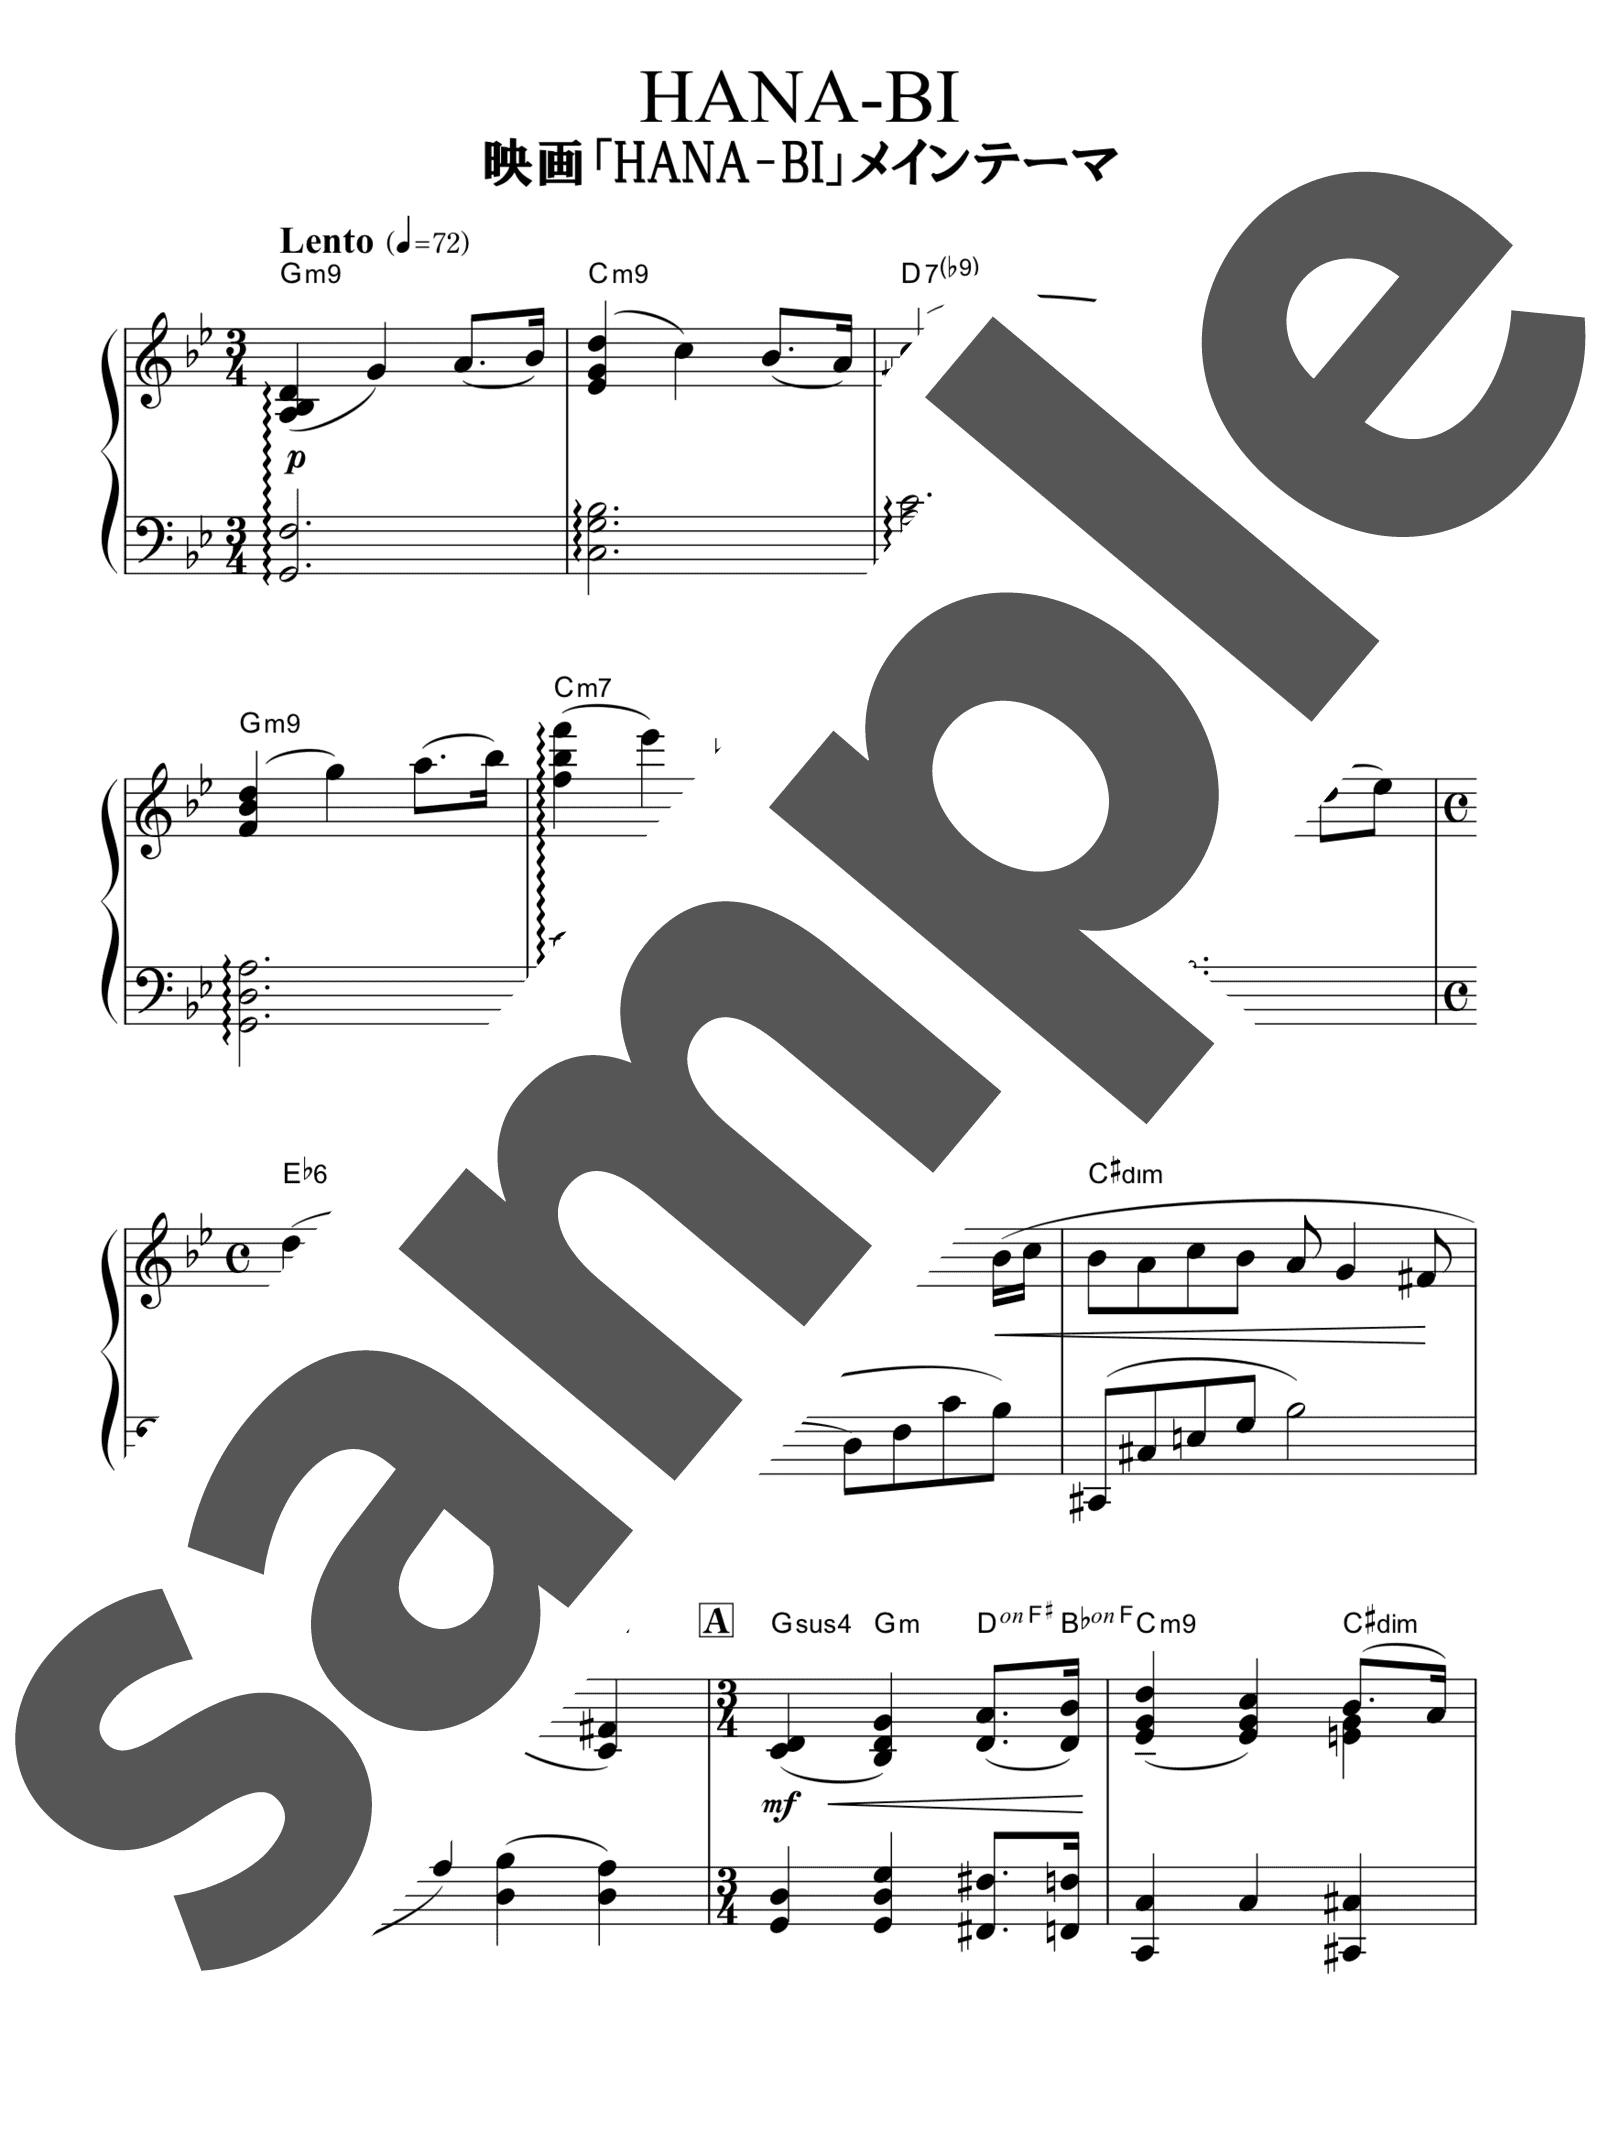 「HANA-BI」のサンプル楽譜